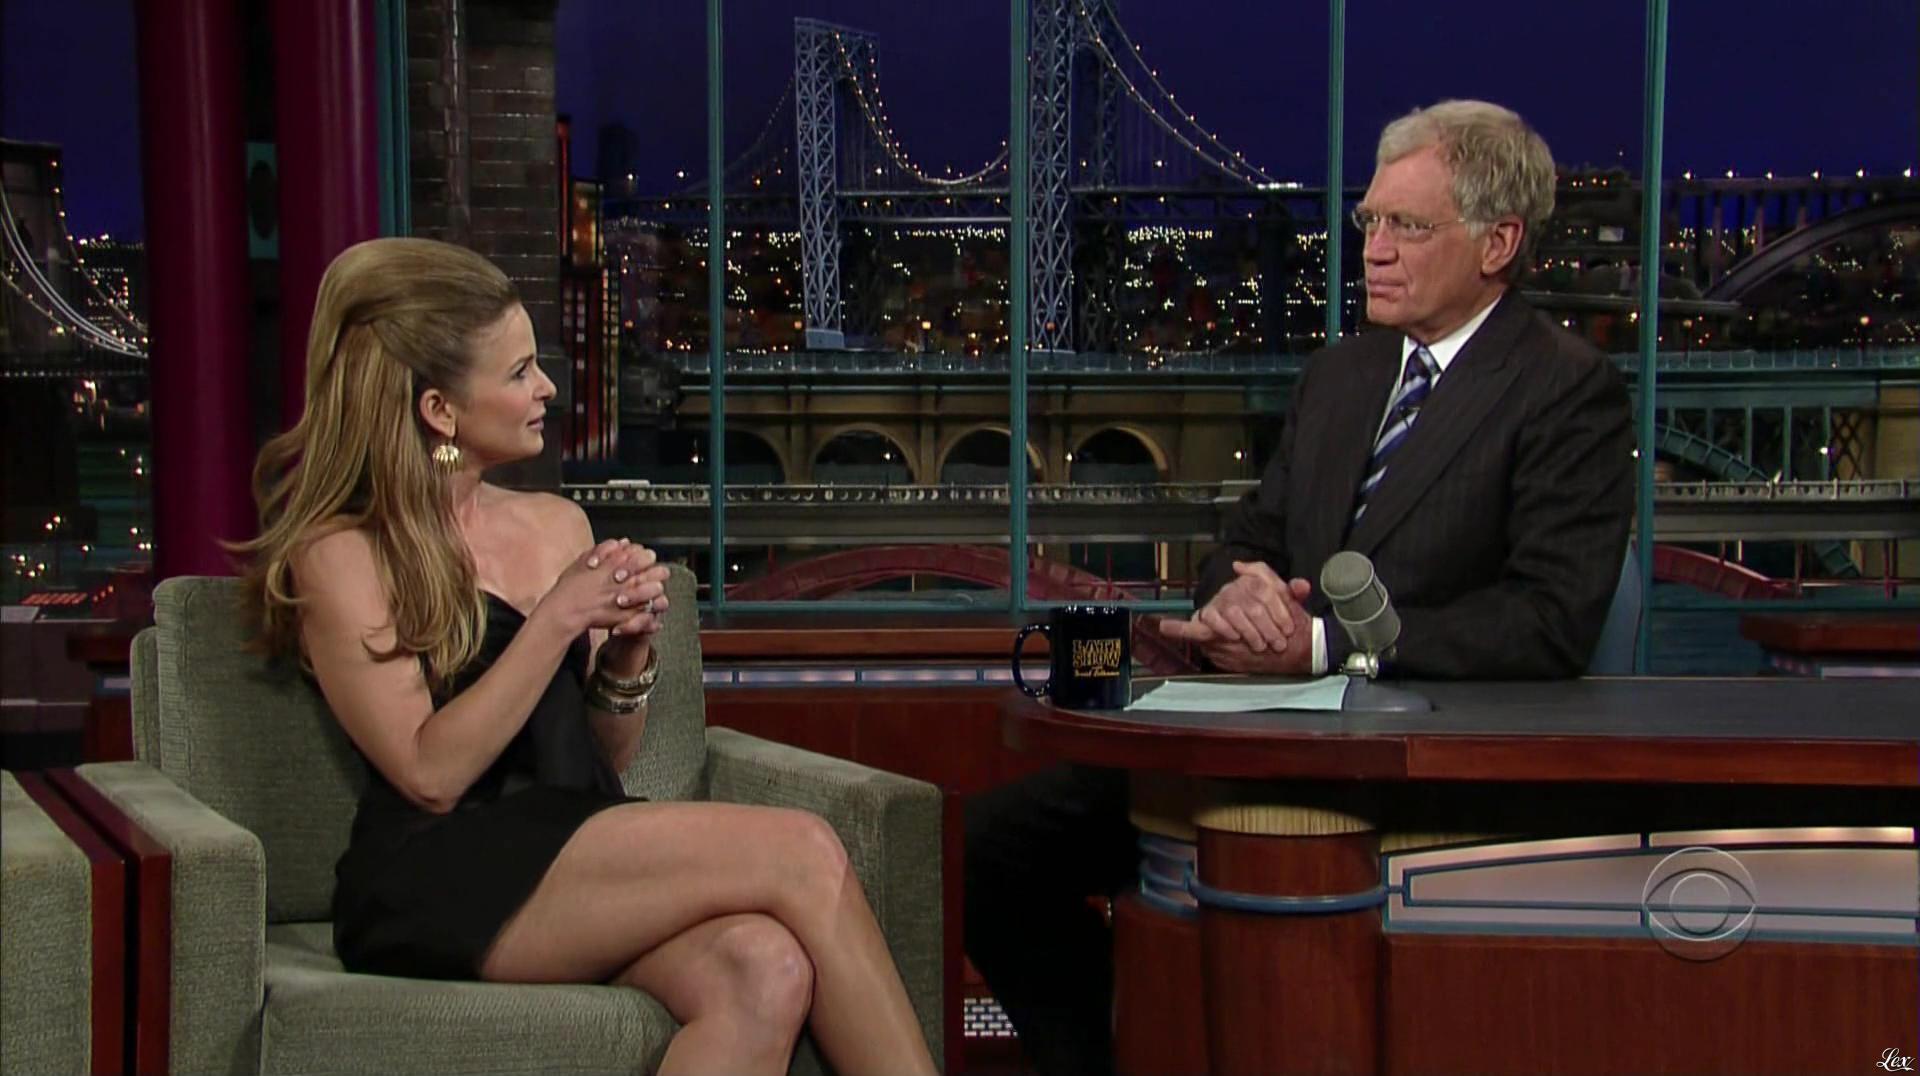 Kyra Sedgwick dans The Late Show With David Letterman. Diffusé à la télévision le 12/06/07.